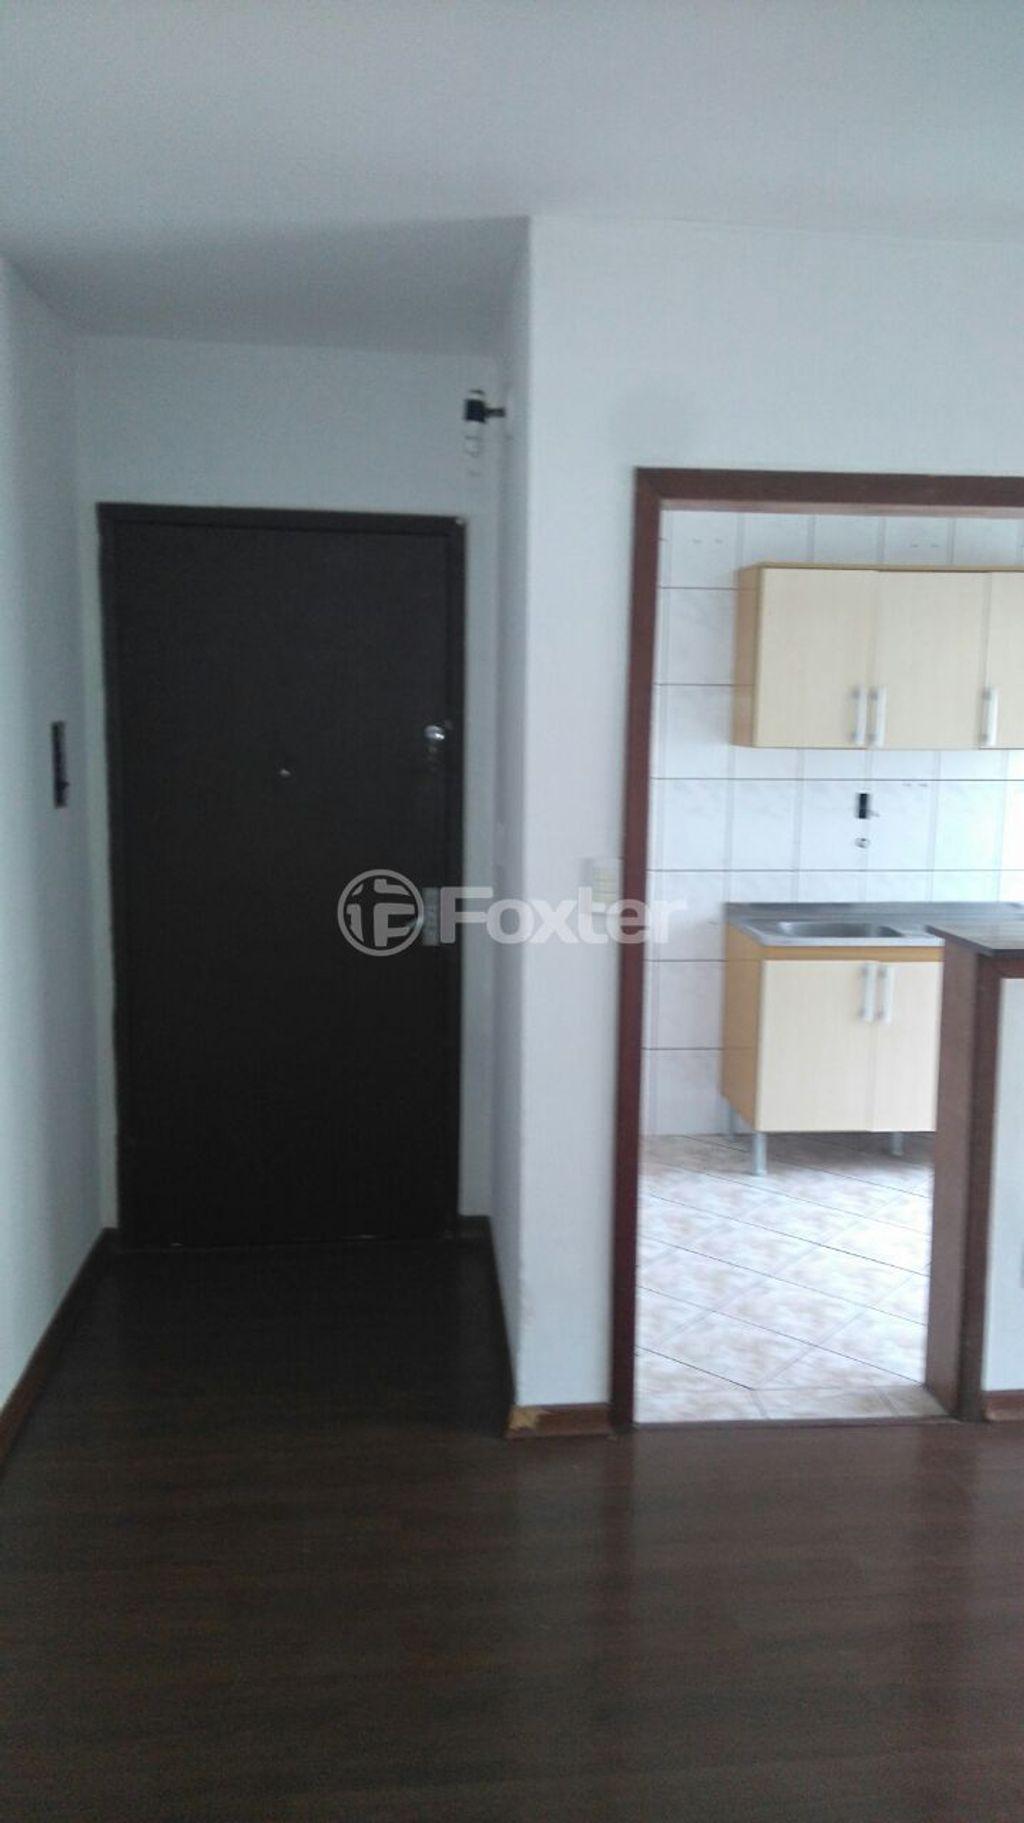 Foxter Imobiliária - Apto 1 Dorm, Passo da Areia - Foto 2